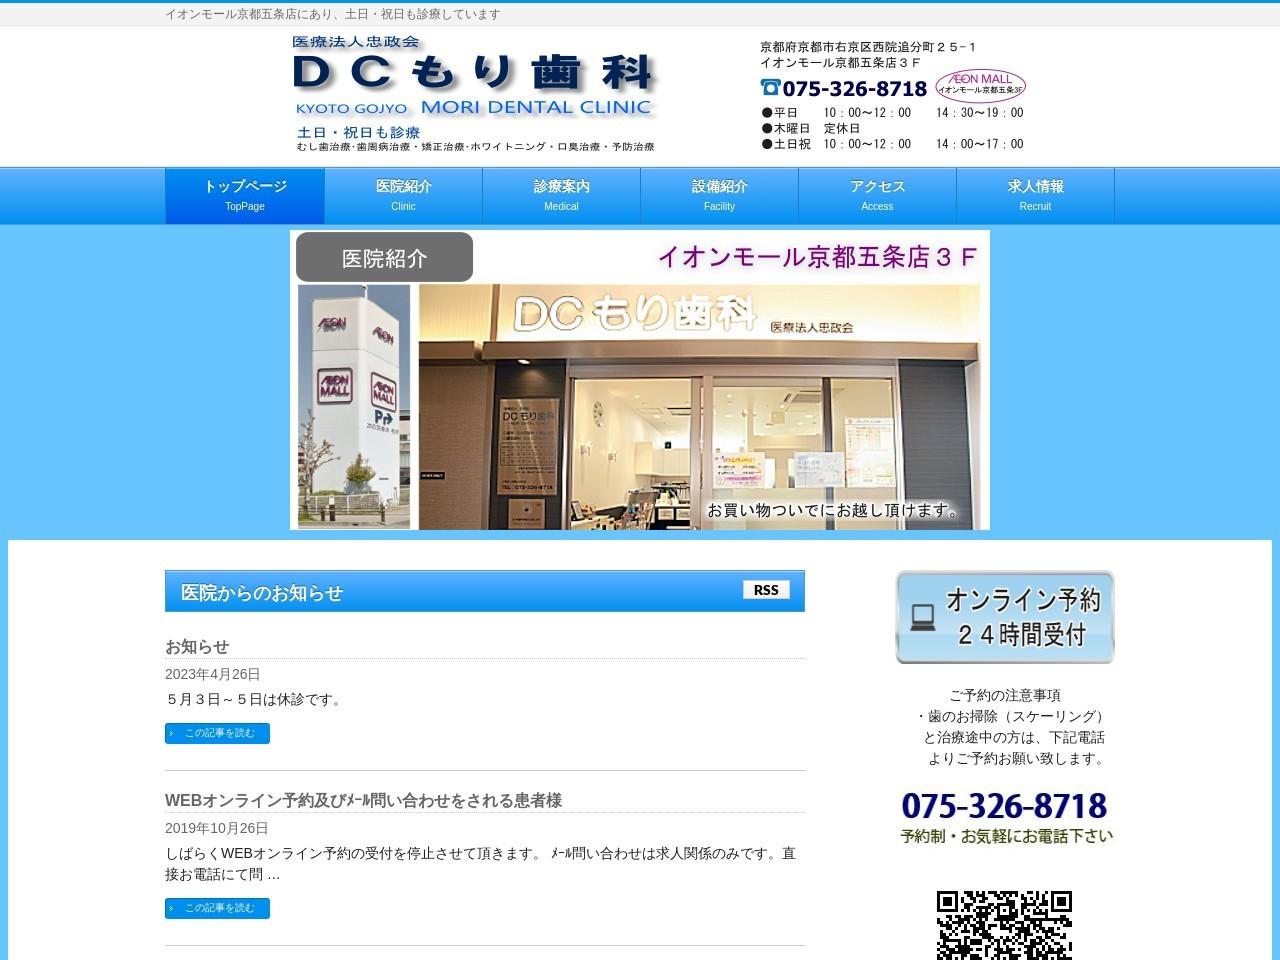 医療法人忠政会  DCもり歯科医院 (京都府京都市右京区)